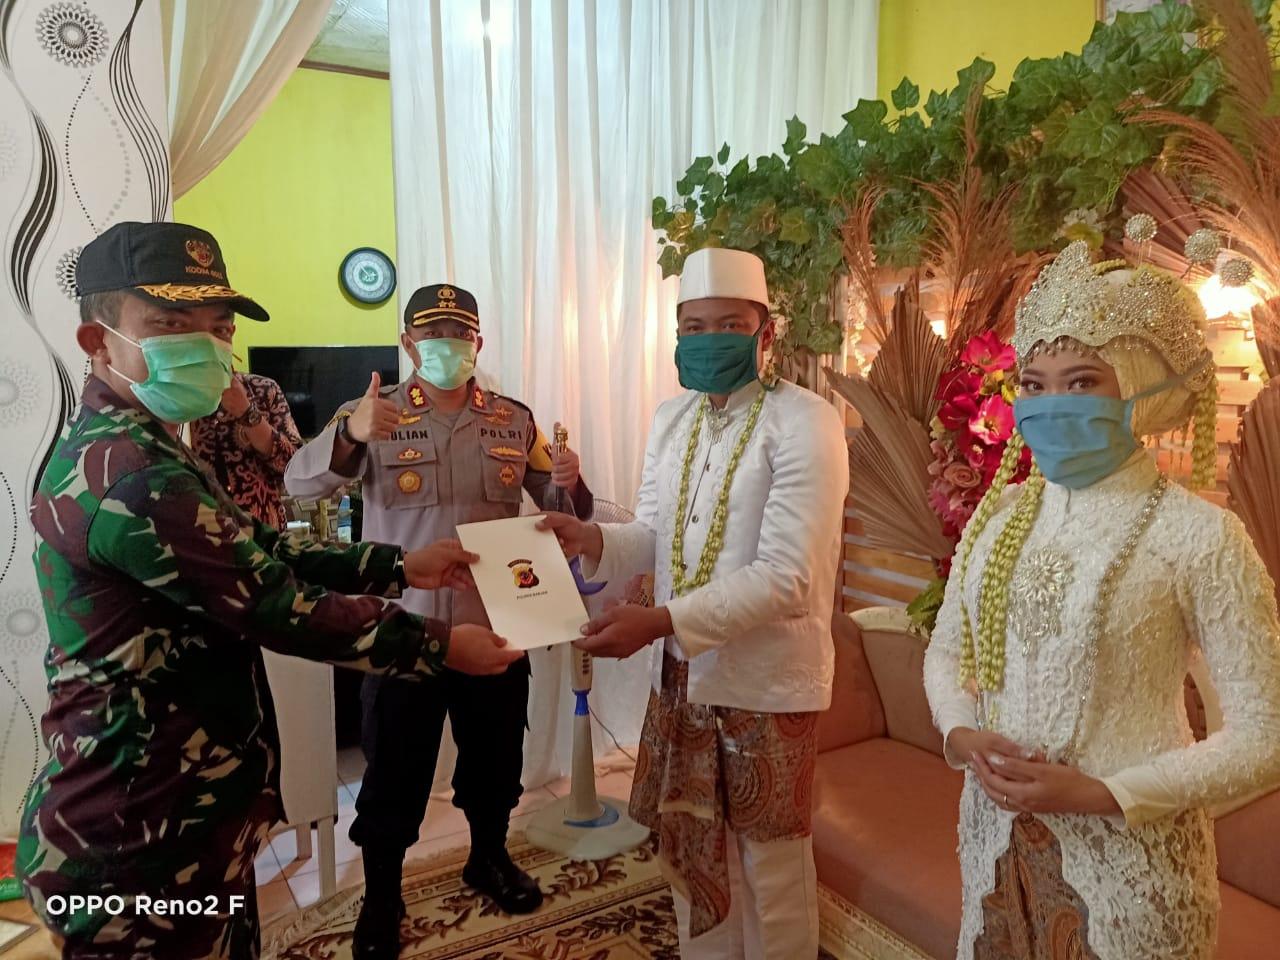 Cegah Penyebaran Covid-19, Pasangan Pengantin di Banjar Terapkan Social Distancing